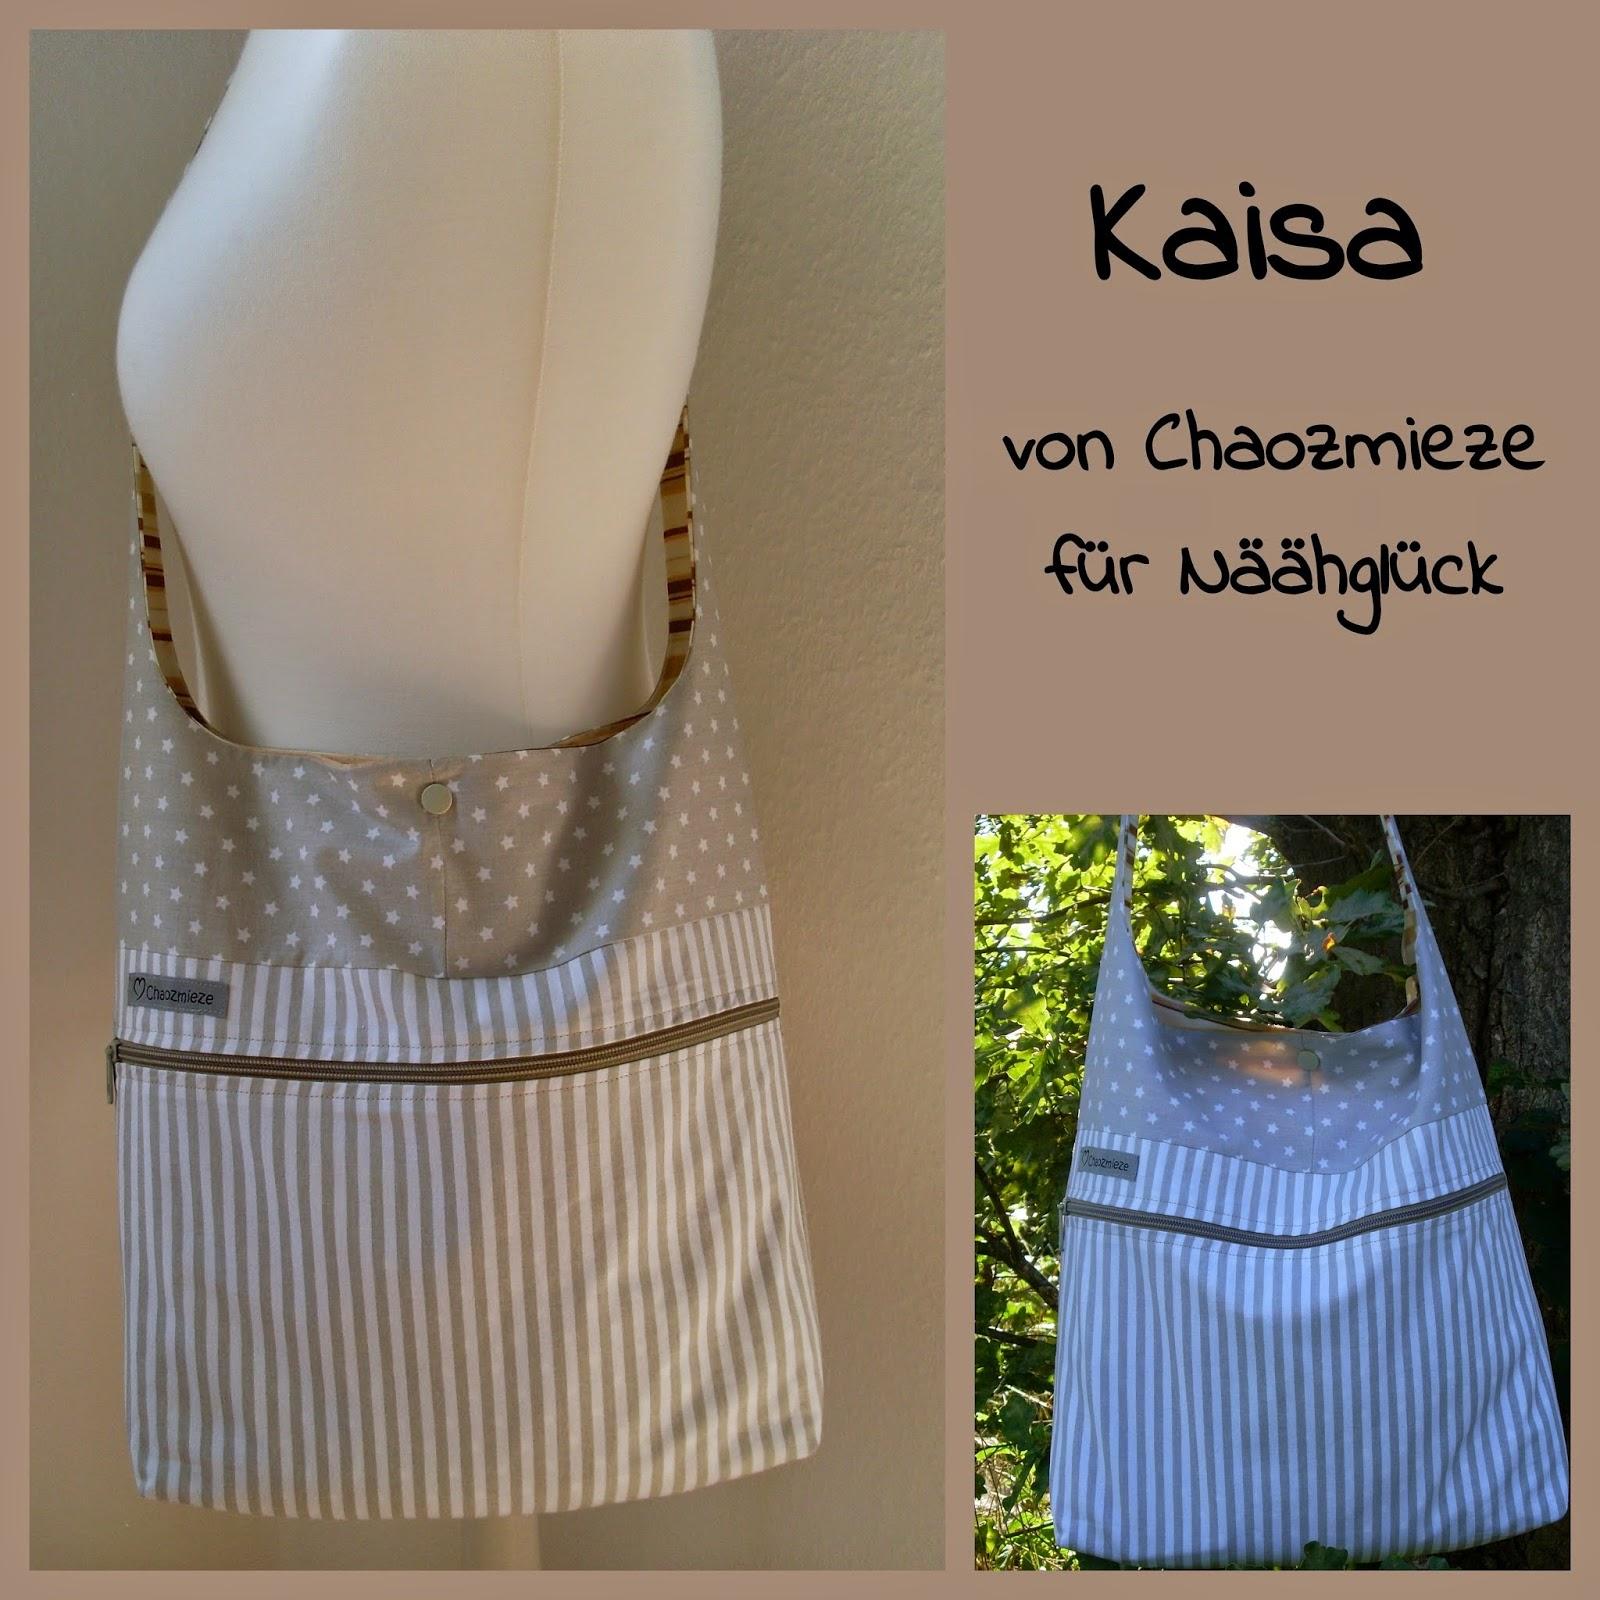 http://chaozmieze.blogspot.de/2014/07/probenahen-der-tasche-kaisa.html